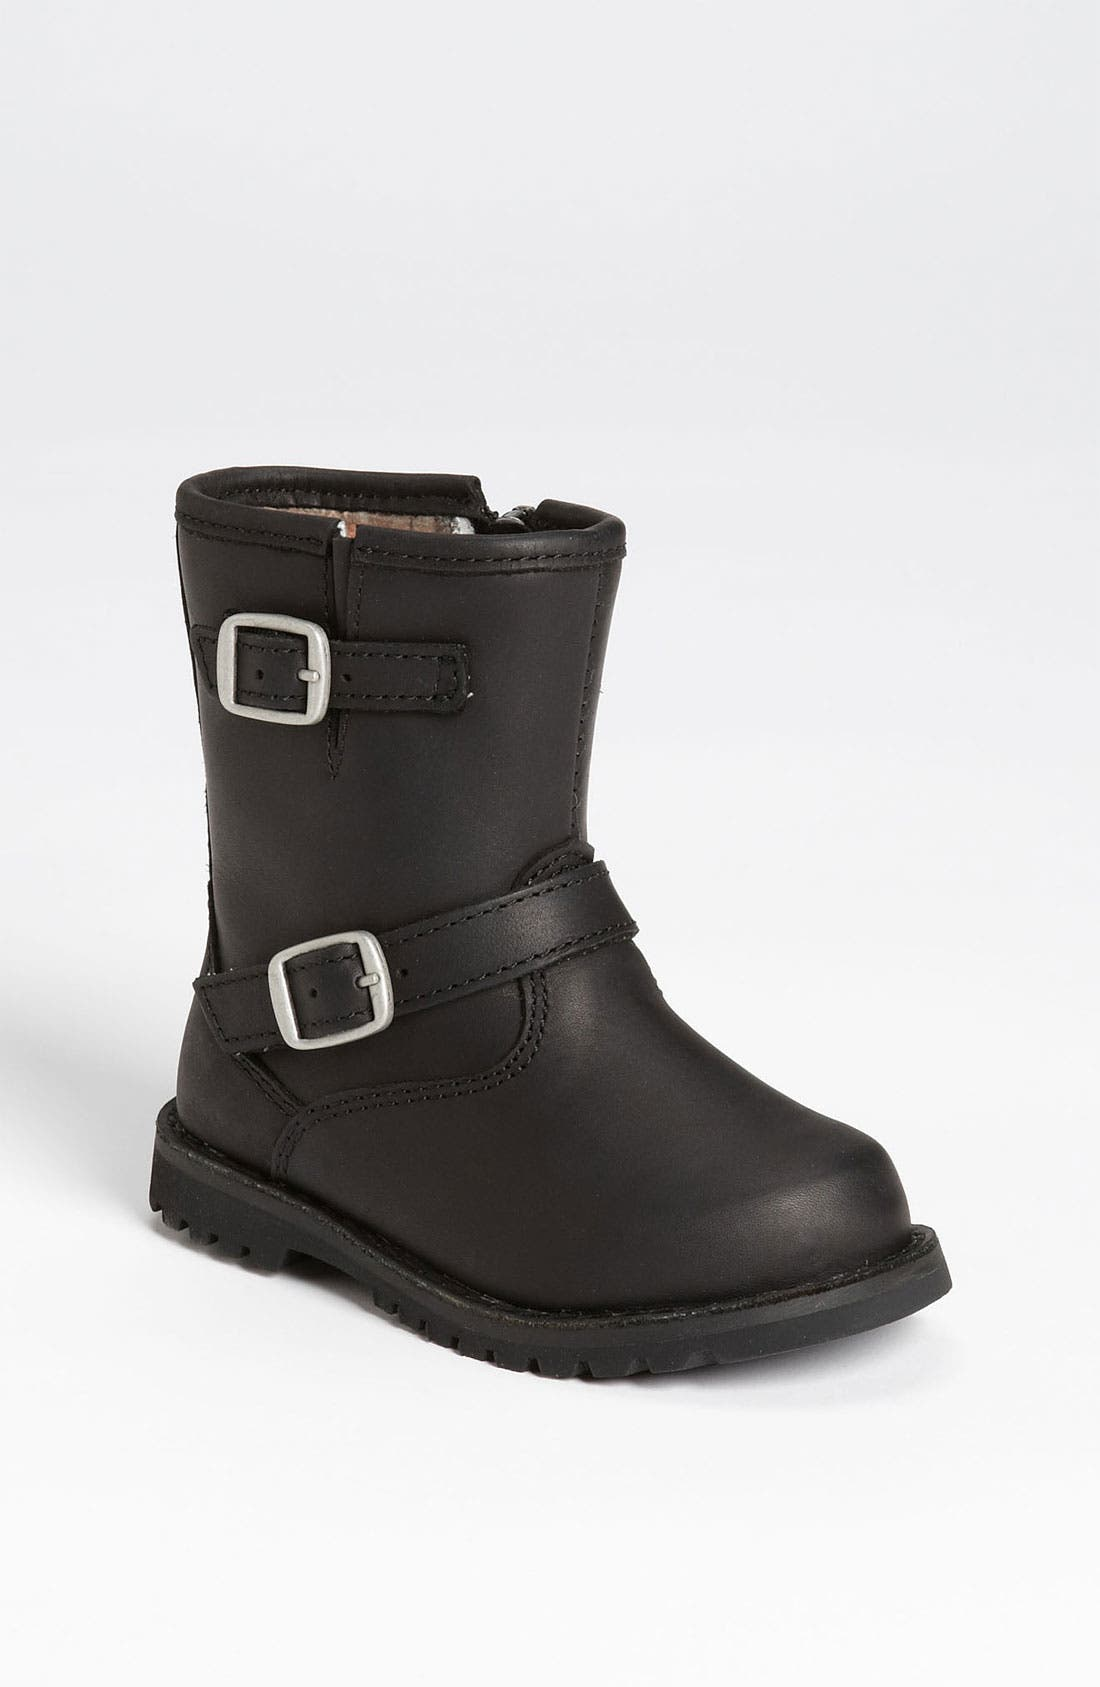 Alternate Image 1 Selected - UGG® 'Harwell' Boot (Walker & Toddler)